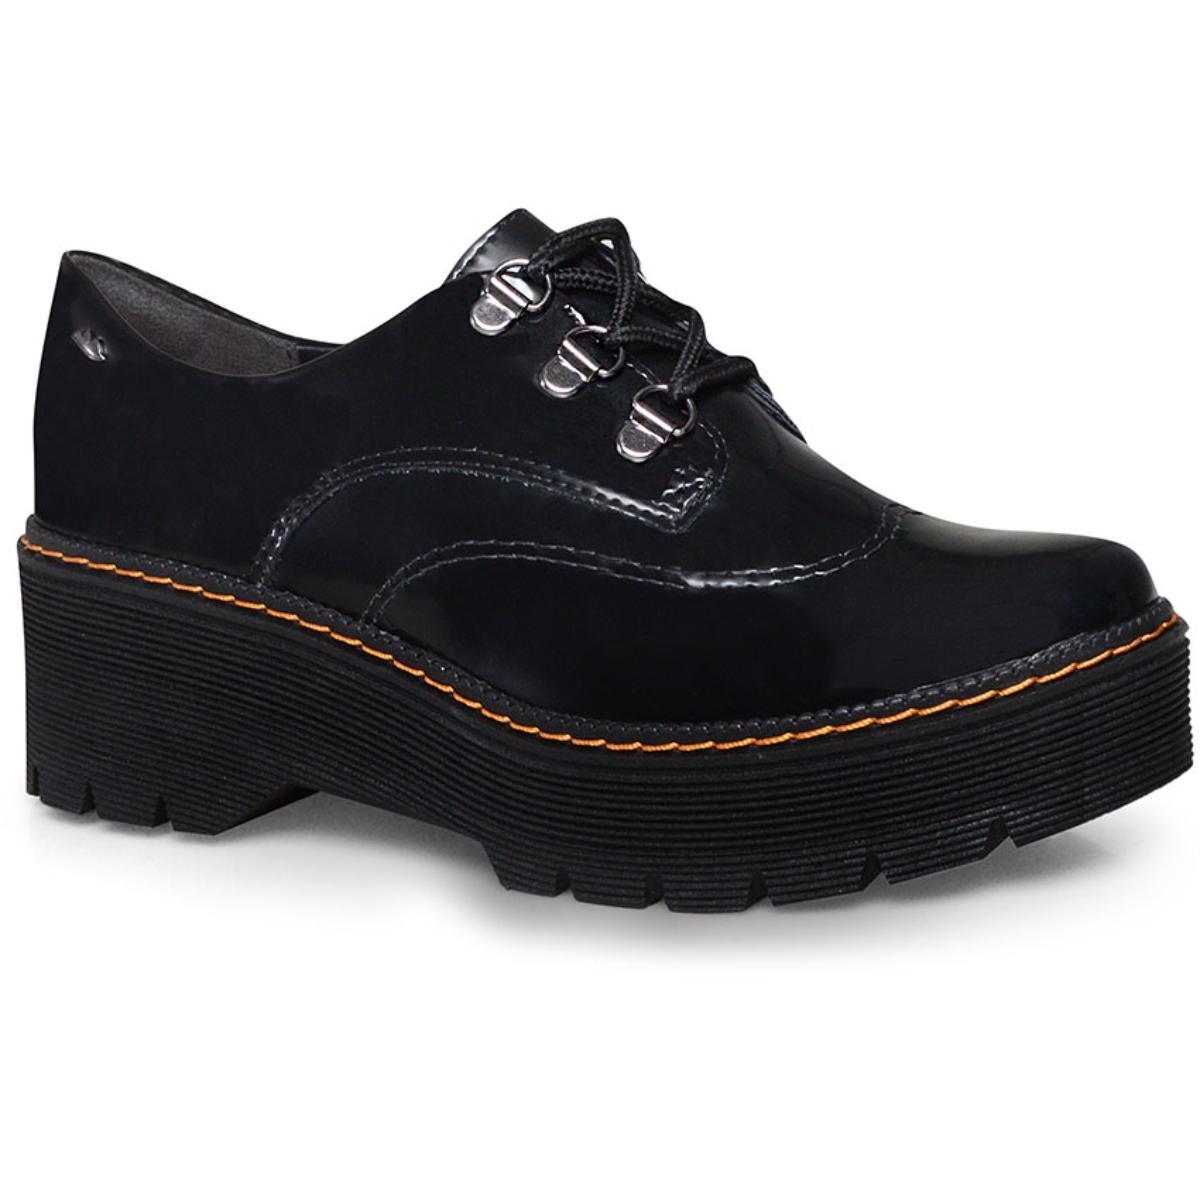 Sapato Feminino Dakota G2573 Preto